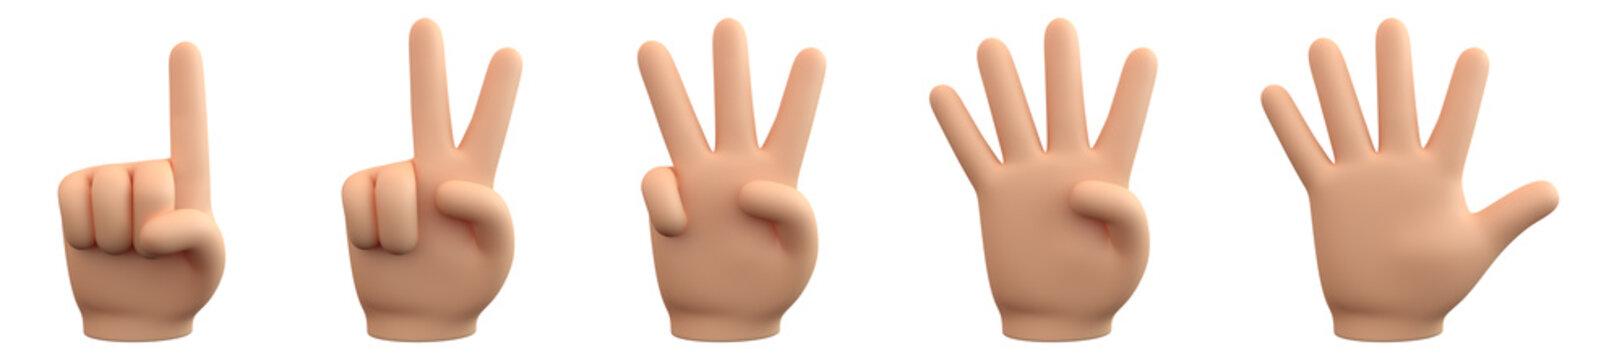 Handzeichen für Zahlen - eins, zwei, drei, vier, fünf